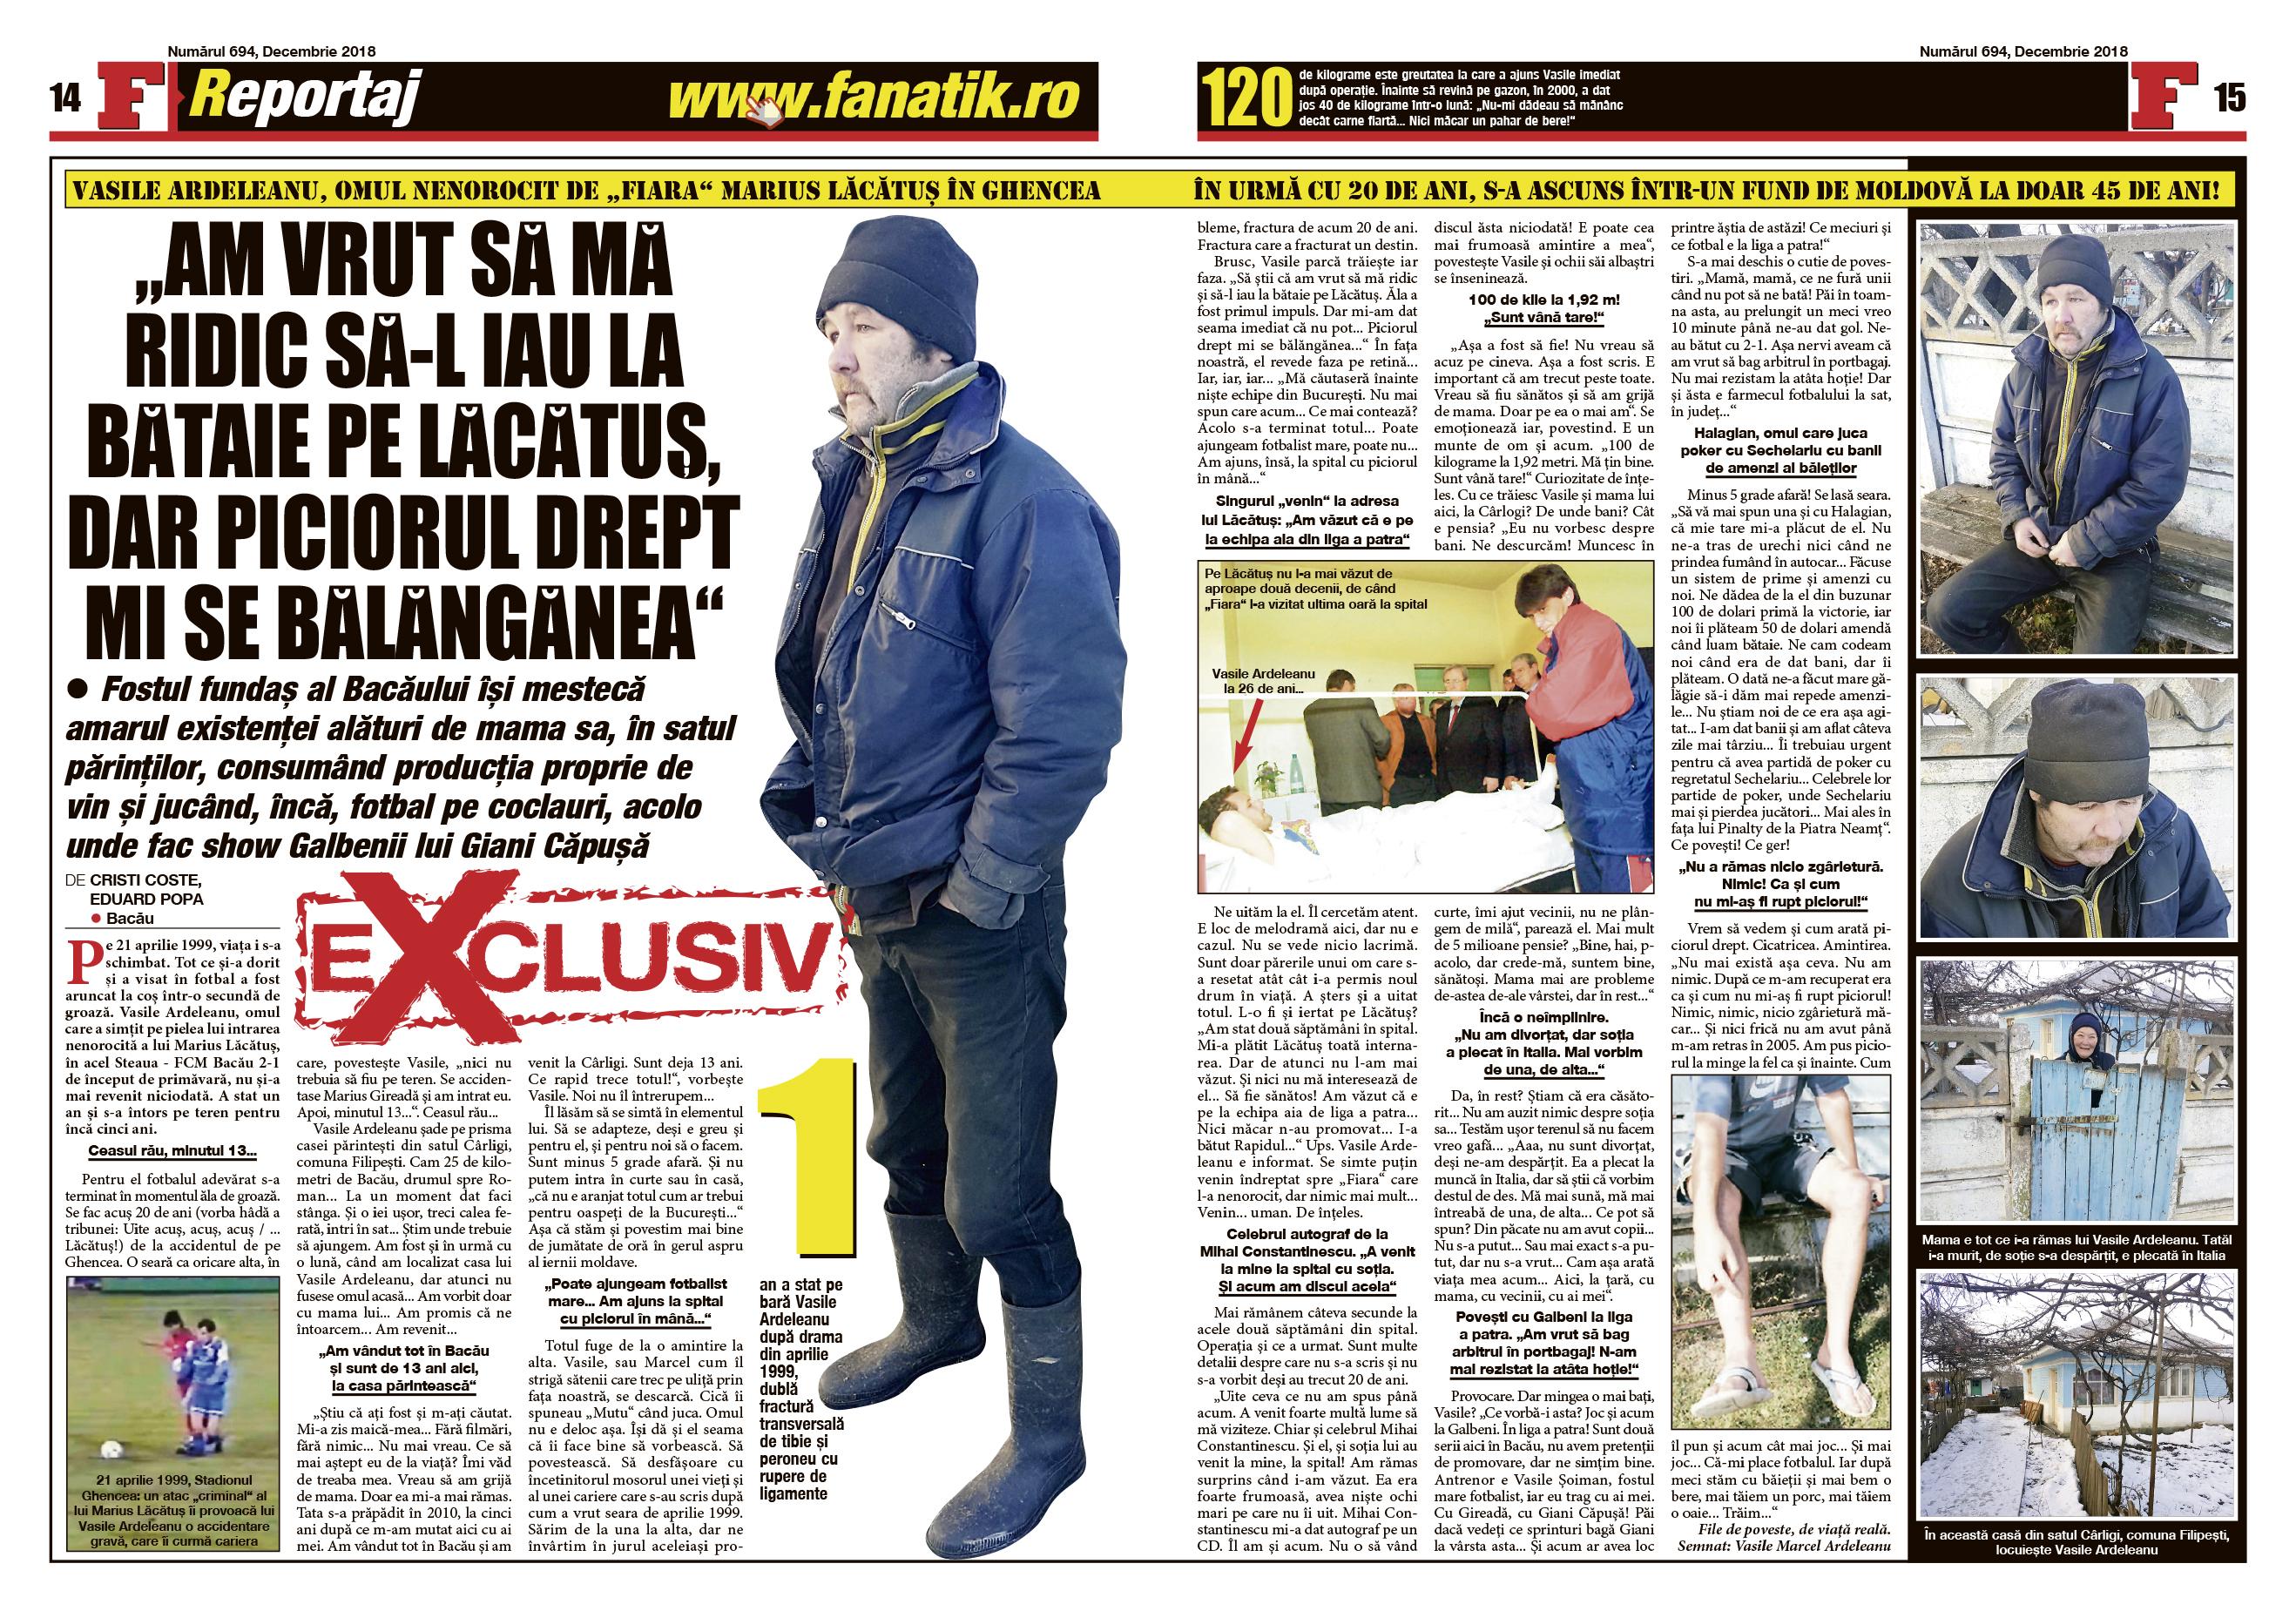 Ce face acum Vasile Ardeleanu, la aproape 20 de ani după seara de groază din Ghencea, când Marius Lăcătuș i-a rupt piciorul, aflați în exclusivitate din revisat FANATIK pe decembrie! Plus alte și alte subiecte în exclusivitate!